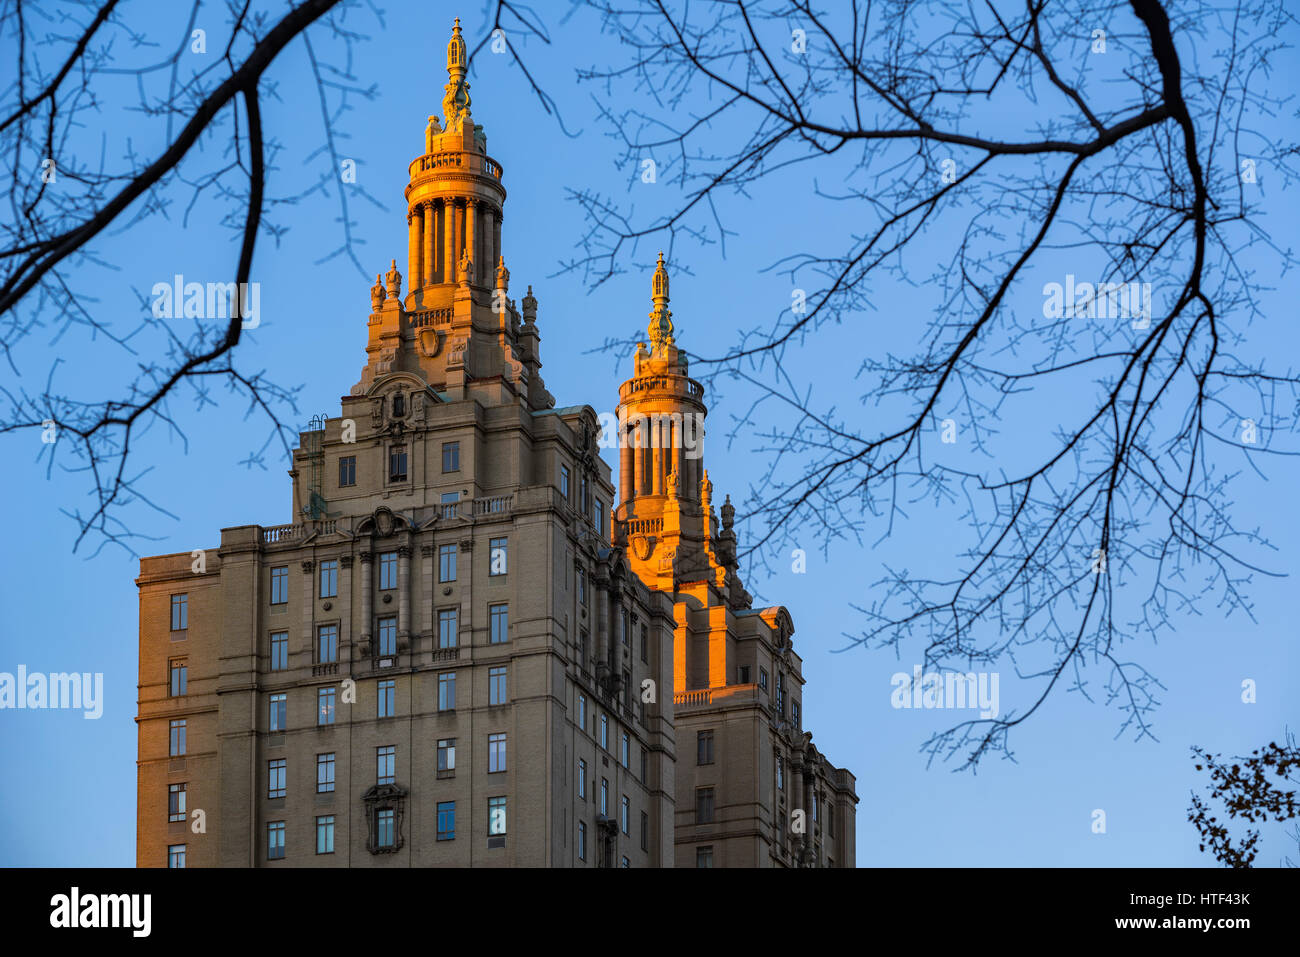 Letzten Abendlicht auf die beiden Türme der San Remo Wohnanlage. Central Park West, Upper West Side, Manhattan, Stockbild